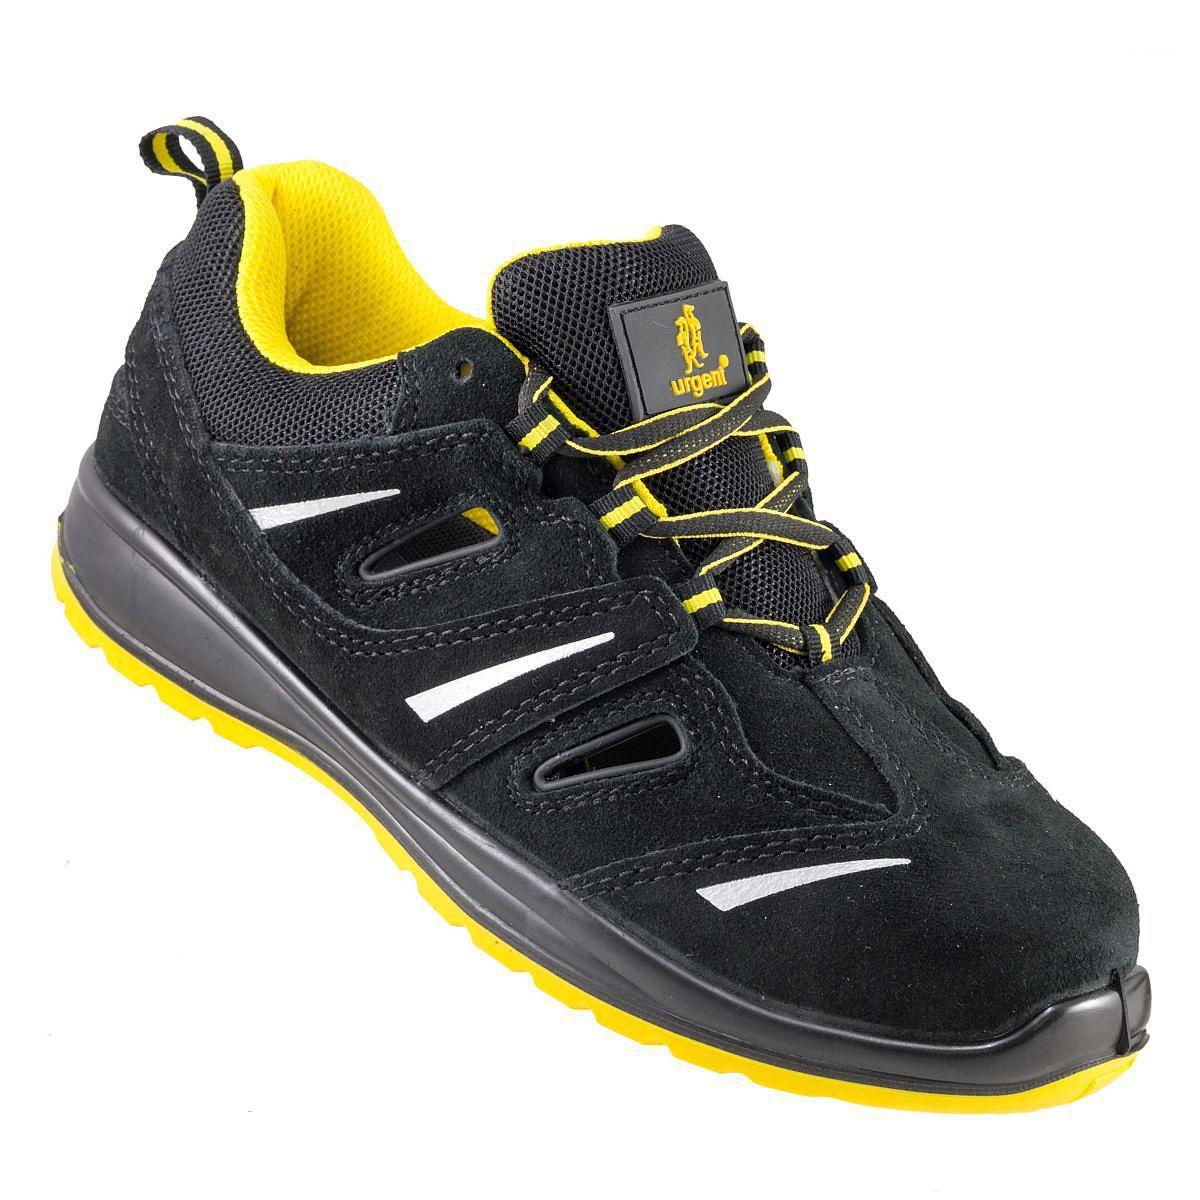 Кросівки 206 S1 захисні з металевим носком, чорно-жовтого кольору. URGENT (POLAND)